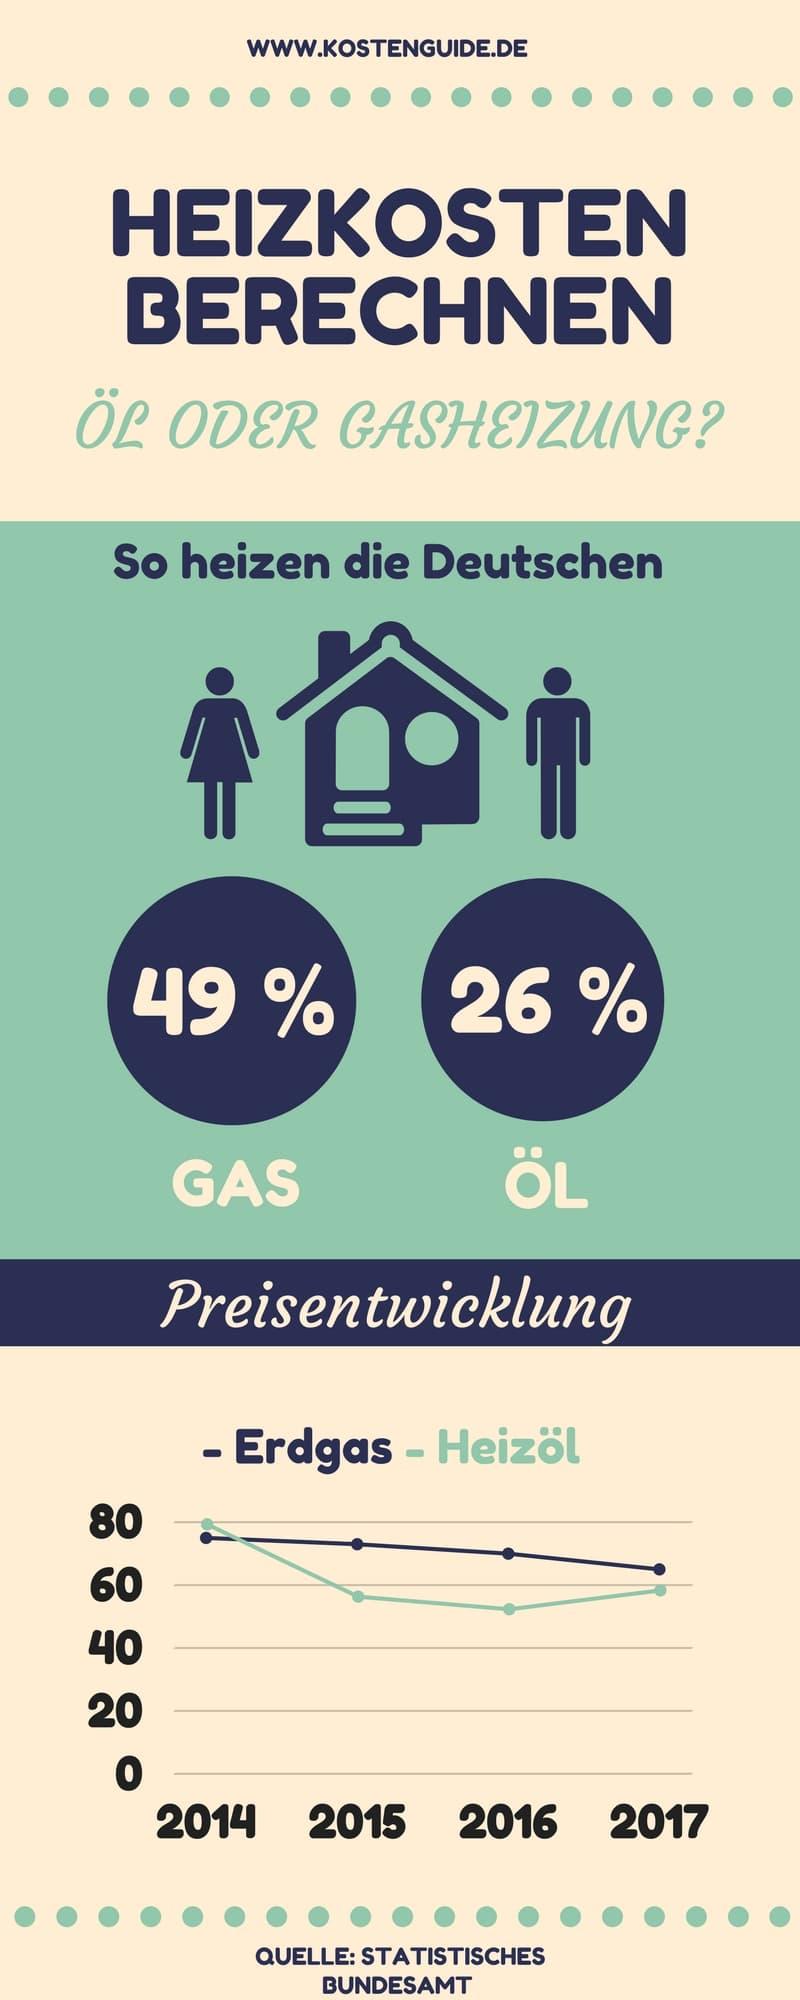 Heizkosten berechnen Heizkostenvergleich Öl Gas So heizen die Deutschen